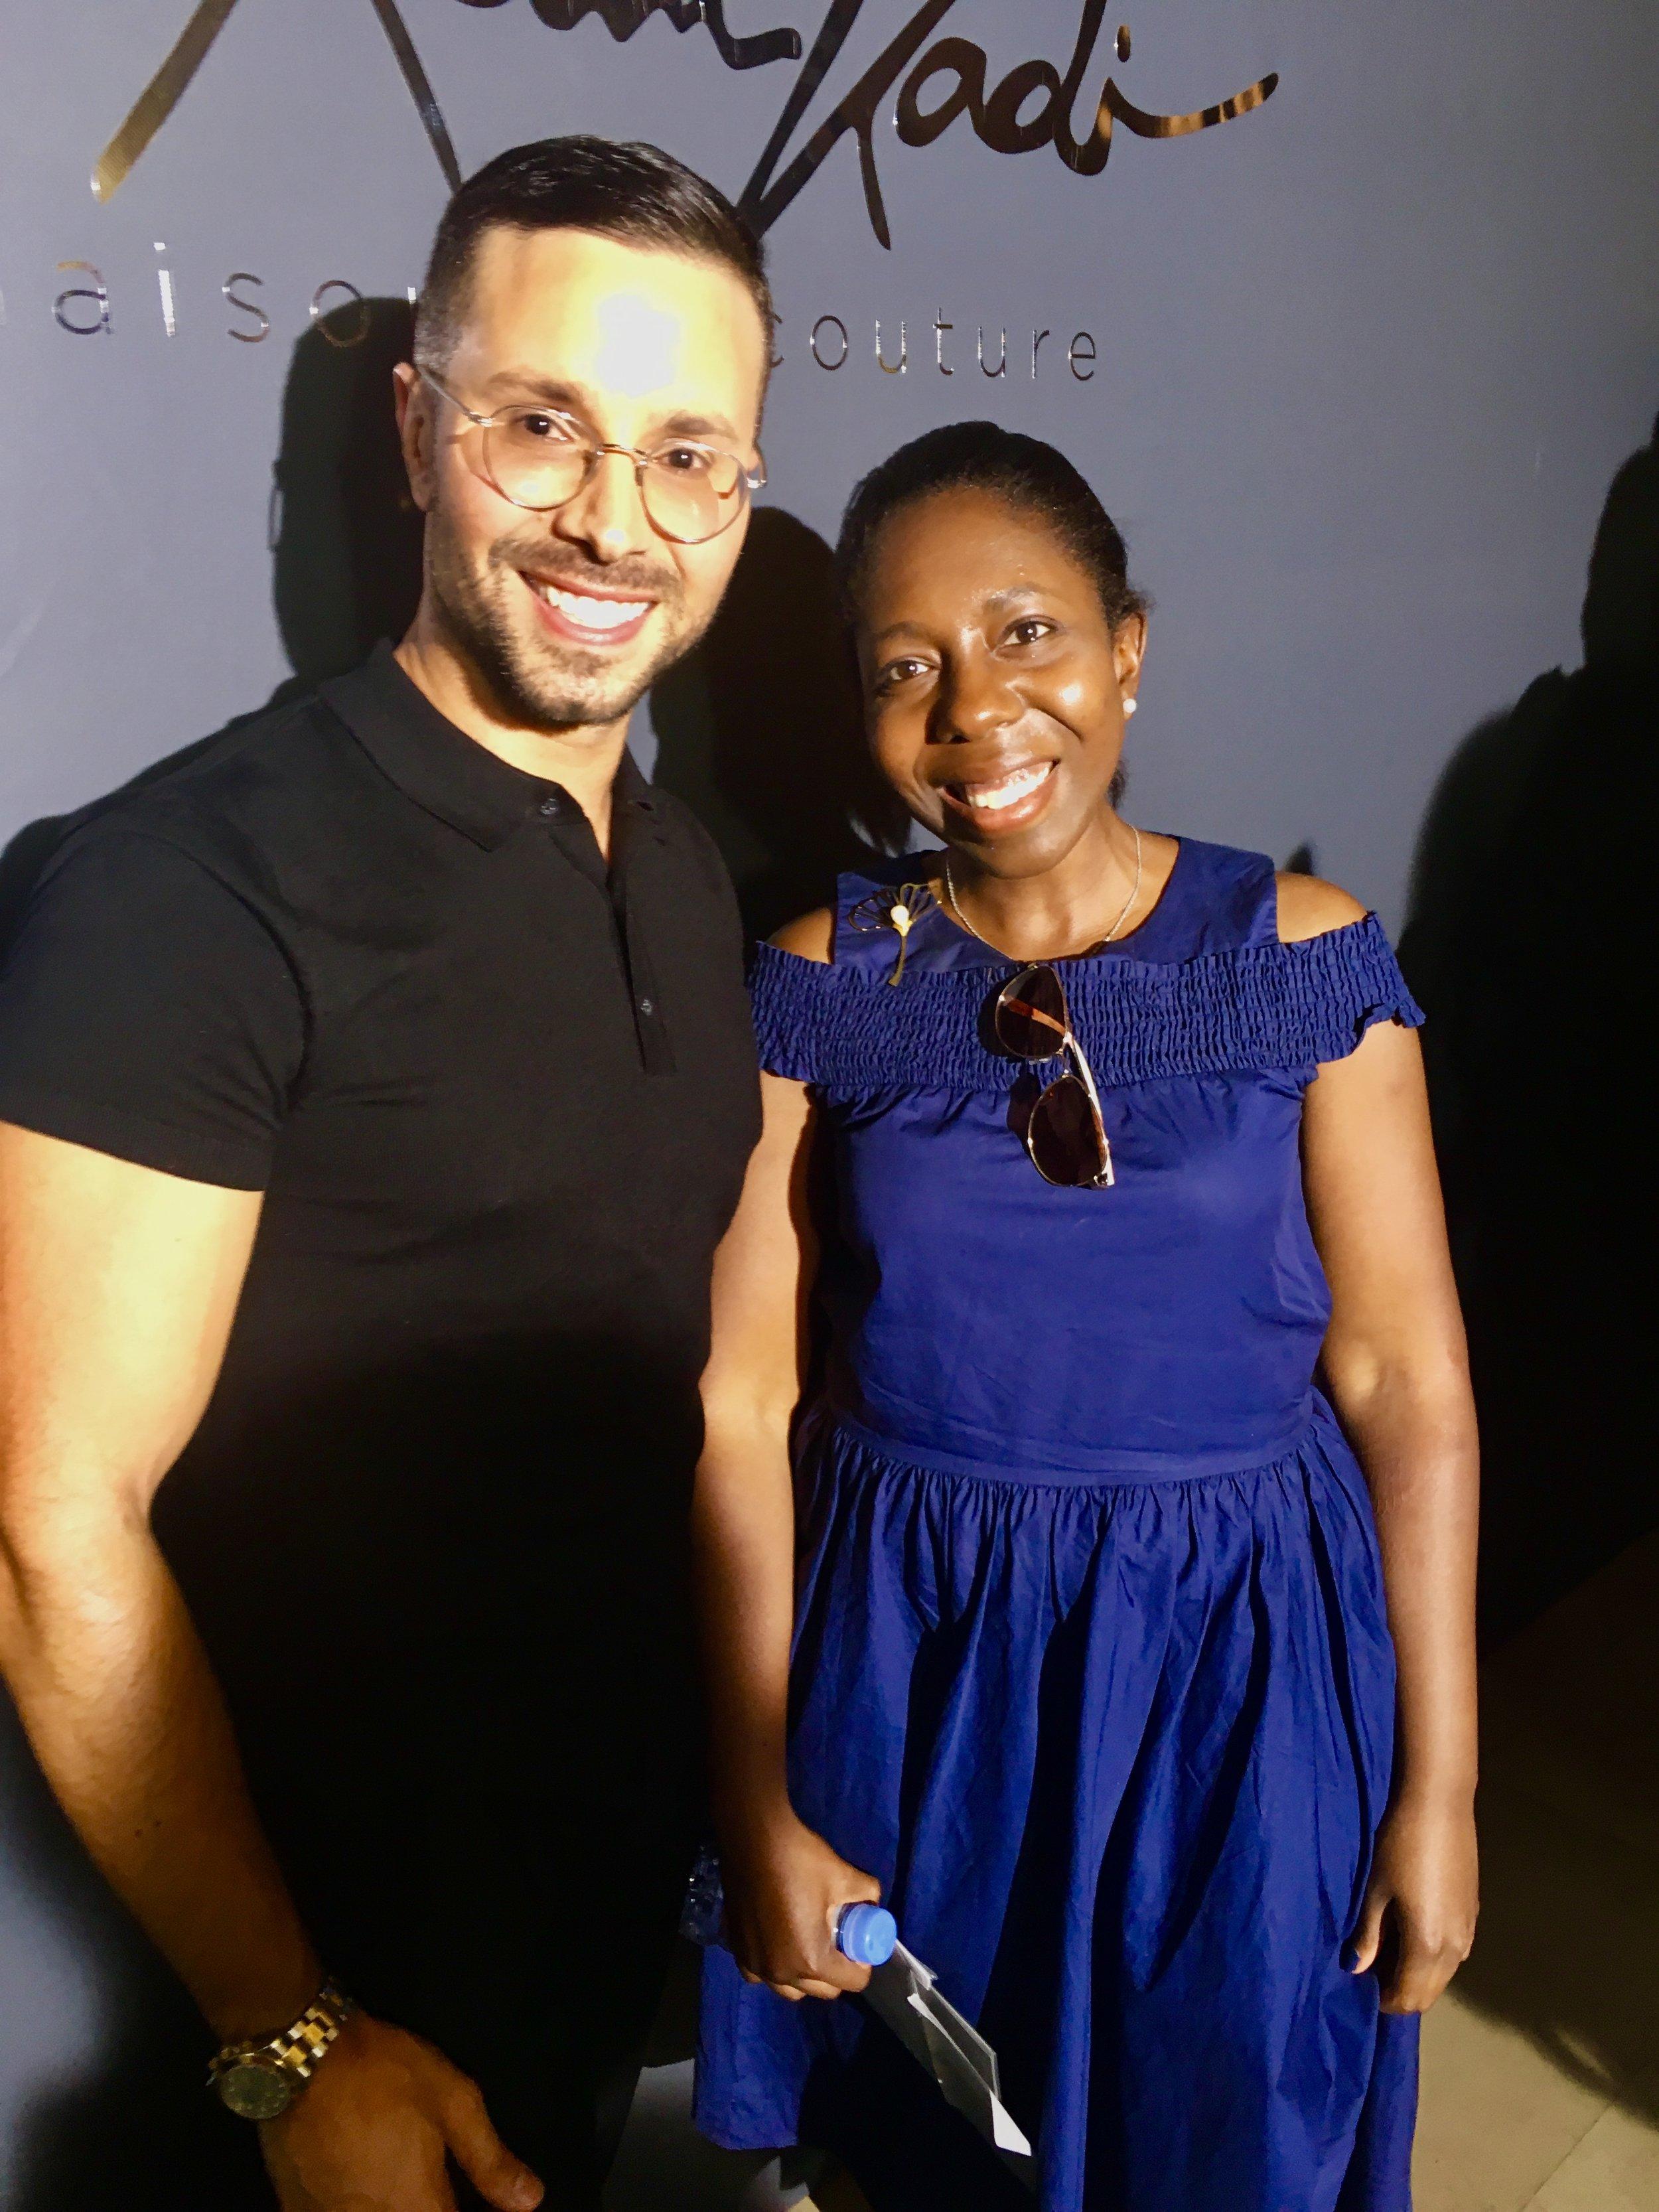 Lebanese couture designer, Rami Kadi